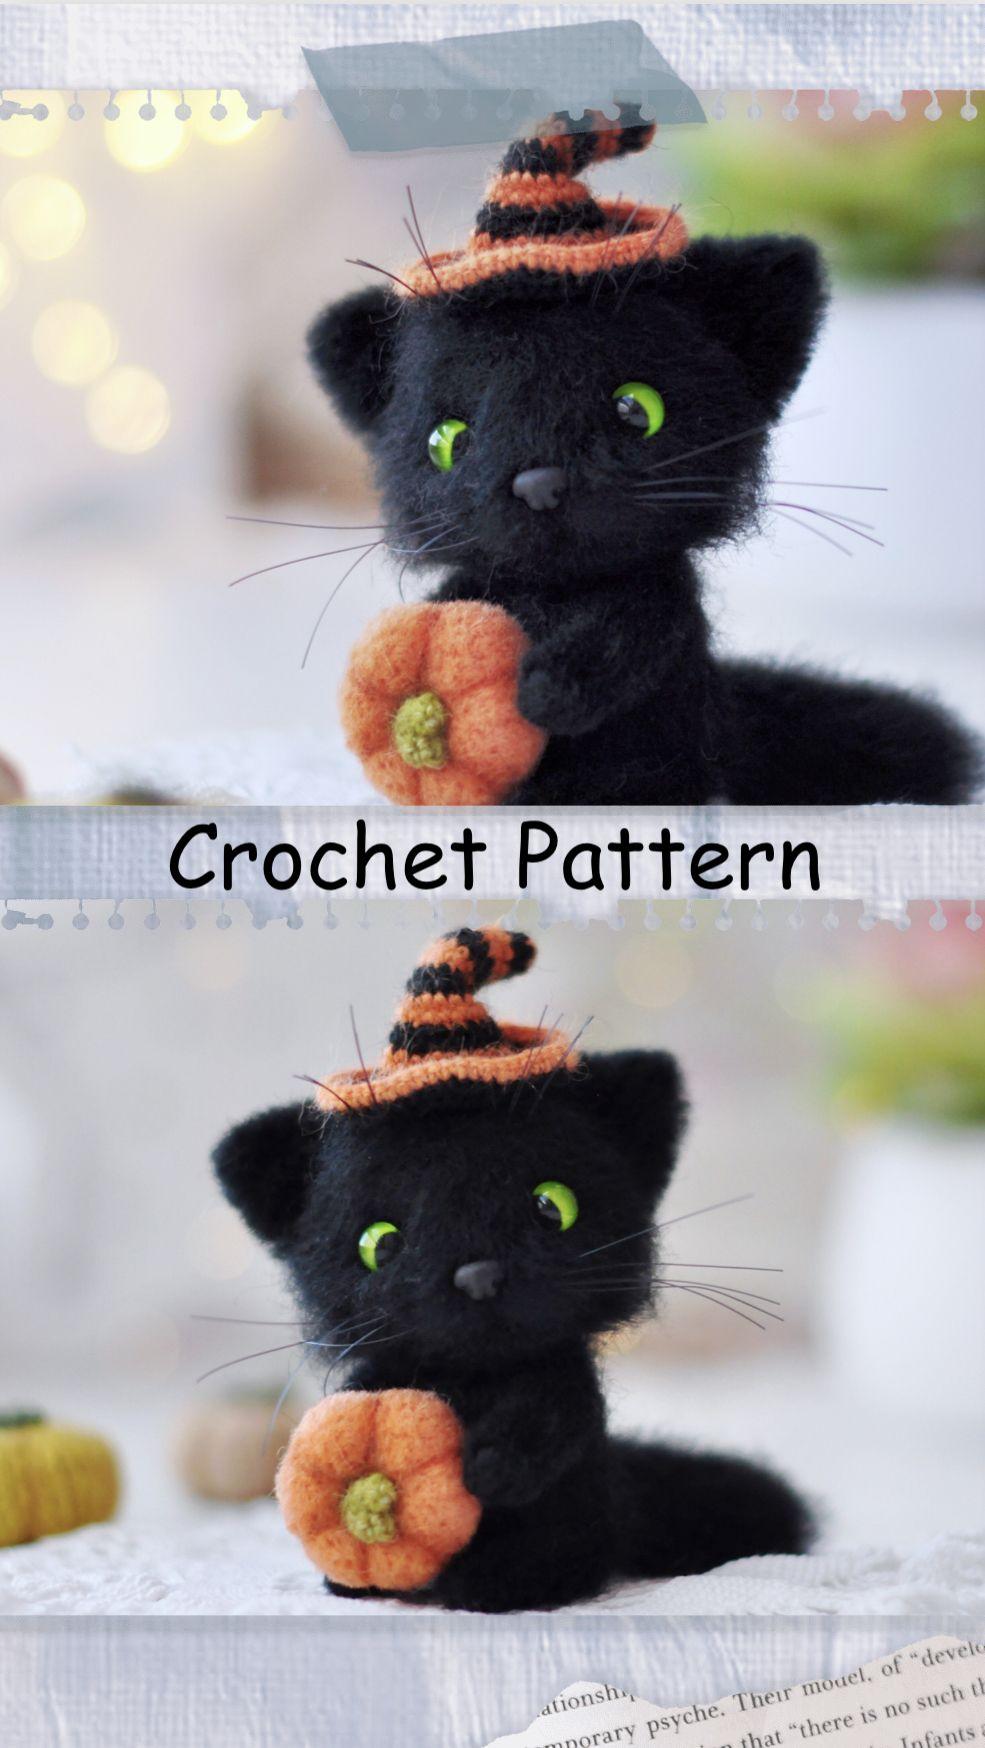 Cat Crochet Pattern Crochet Kitty Cat Pattern Amigurumi Cat Halloween Cat Crochet Kitten Realistic Cat Crochet Pattern Crochet Pumpkin In 2020 Crochet Patterns Diy Crochet And Knitting Crochet